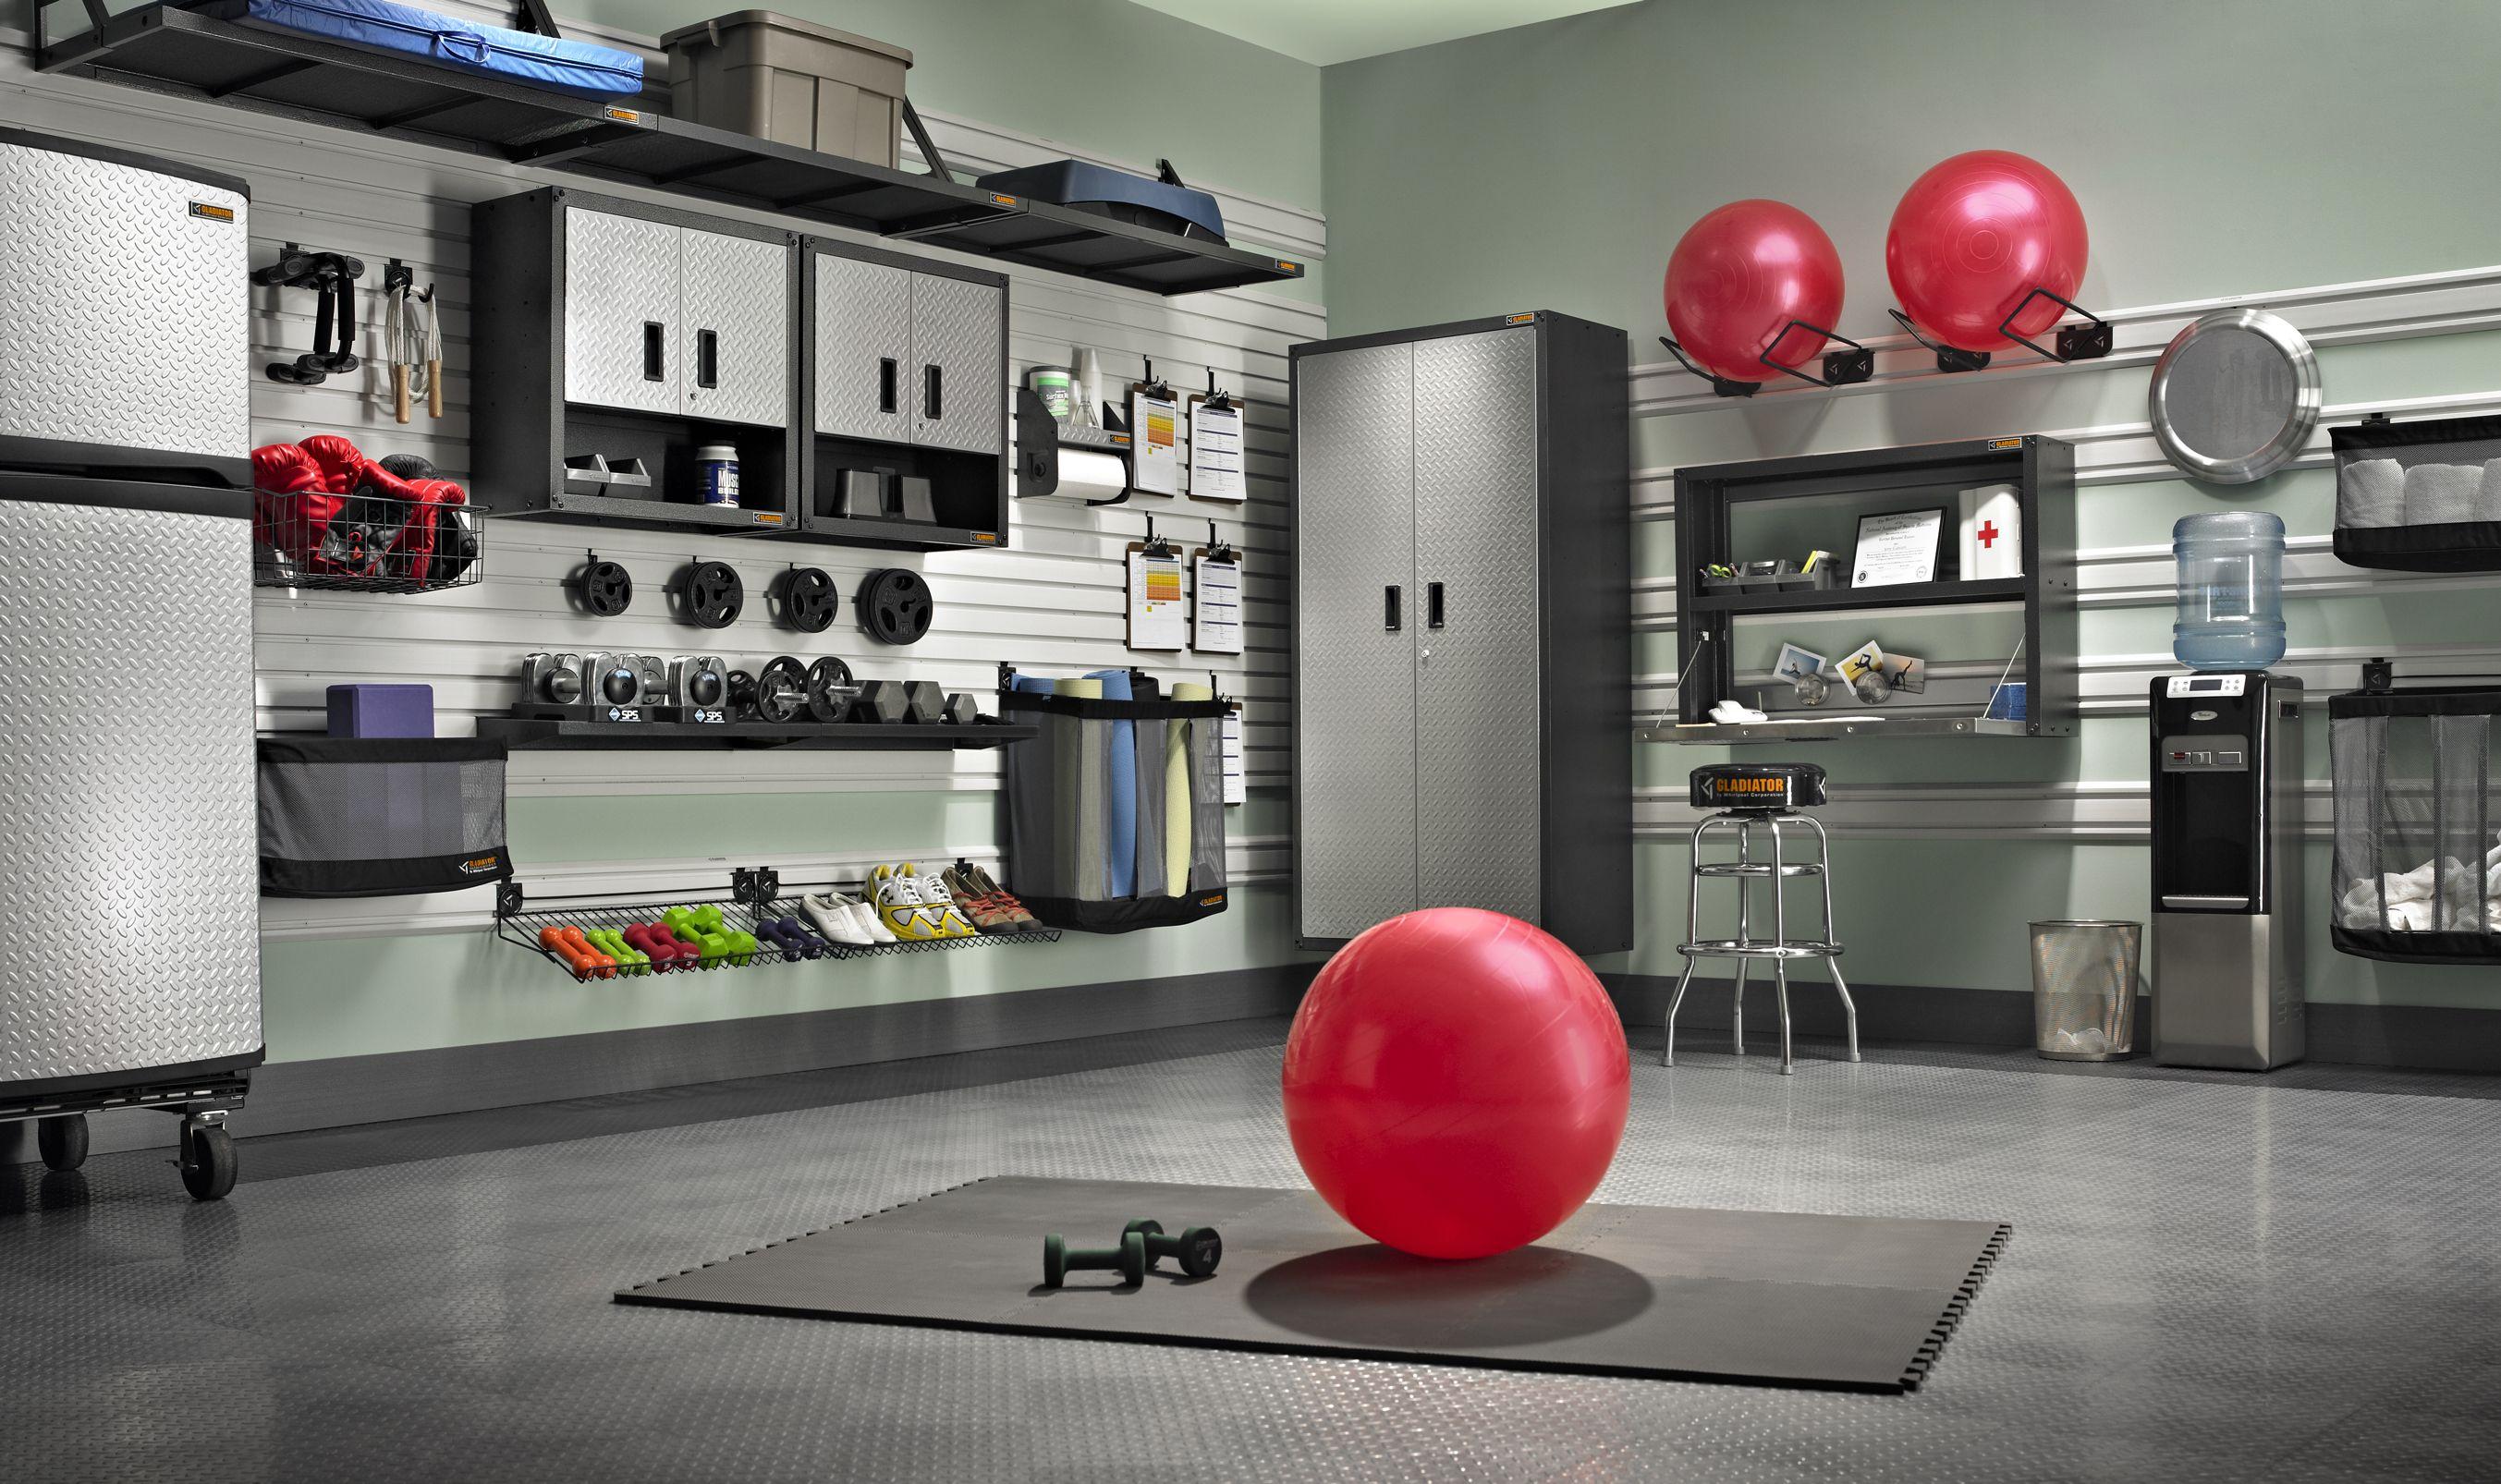 17 Best ideas about Gladiator Garageworks on Pinterest | Gladiator garage,  Garage bike storage and Garage storage